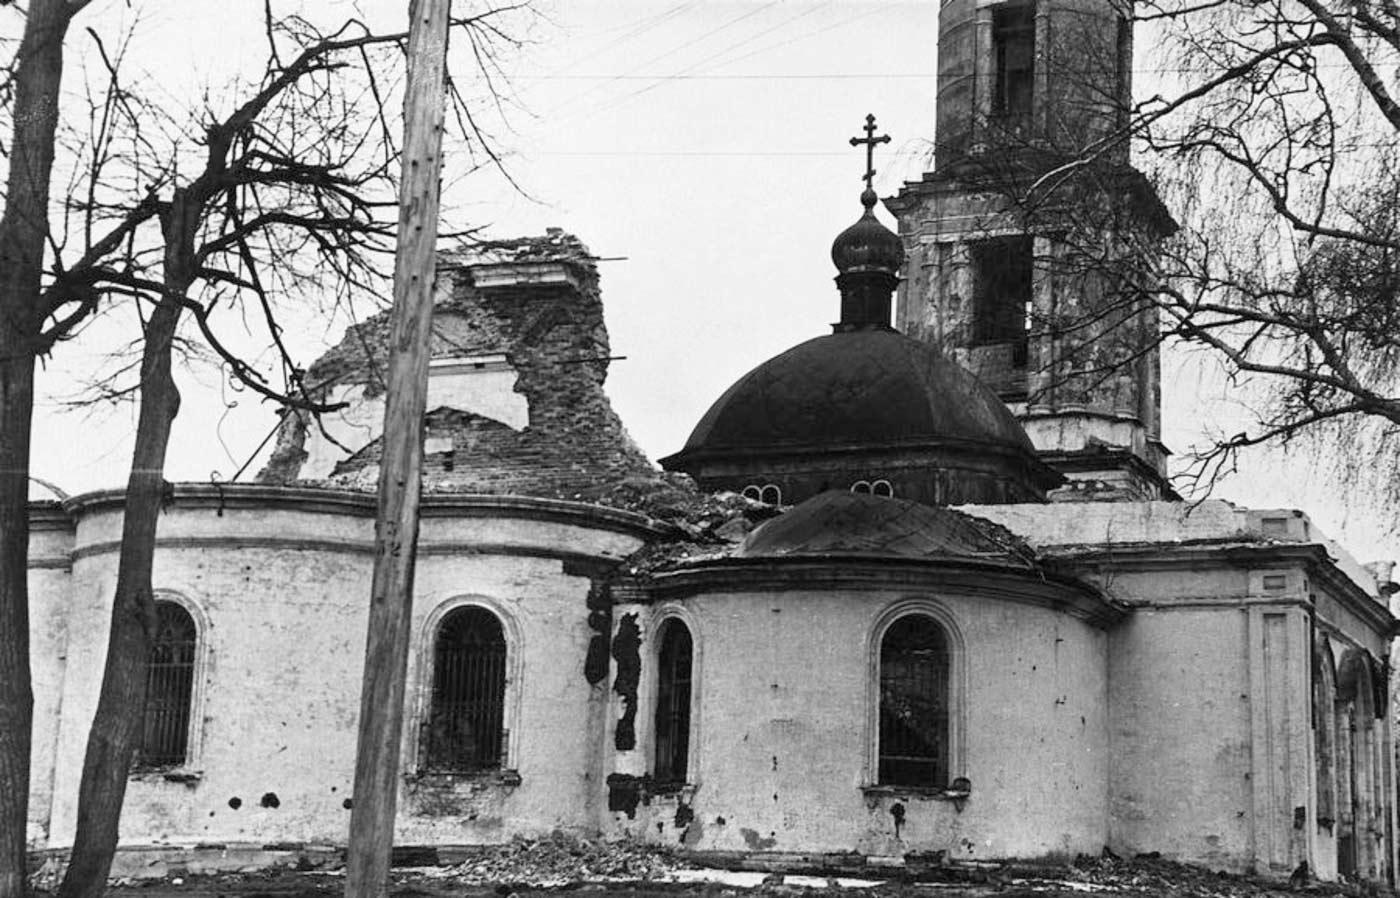 Священномученик Алексий (Знаменский): ему вменялось в вину то, что дважды давал крестьянам сахар и совершил религиозный обряд бесплатно